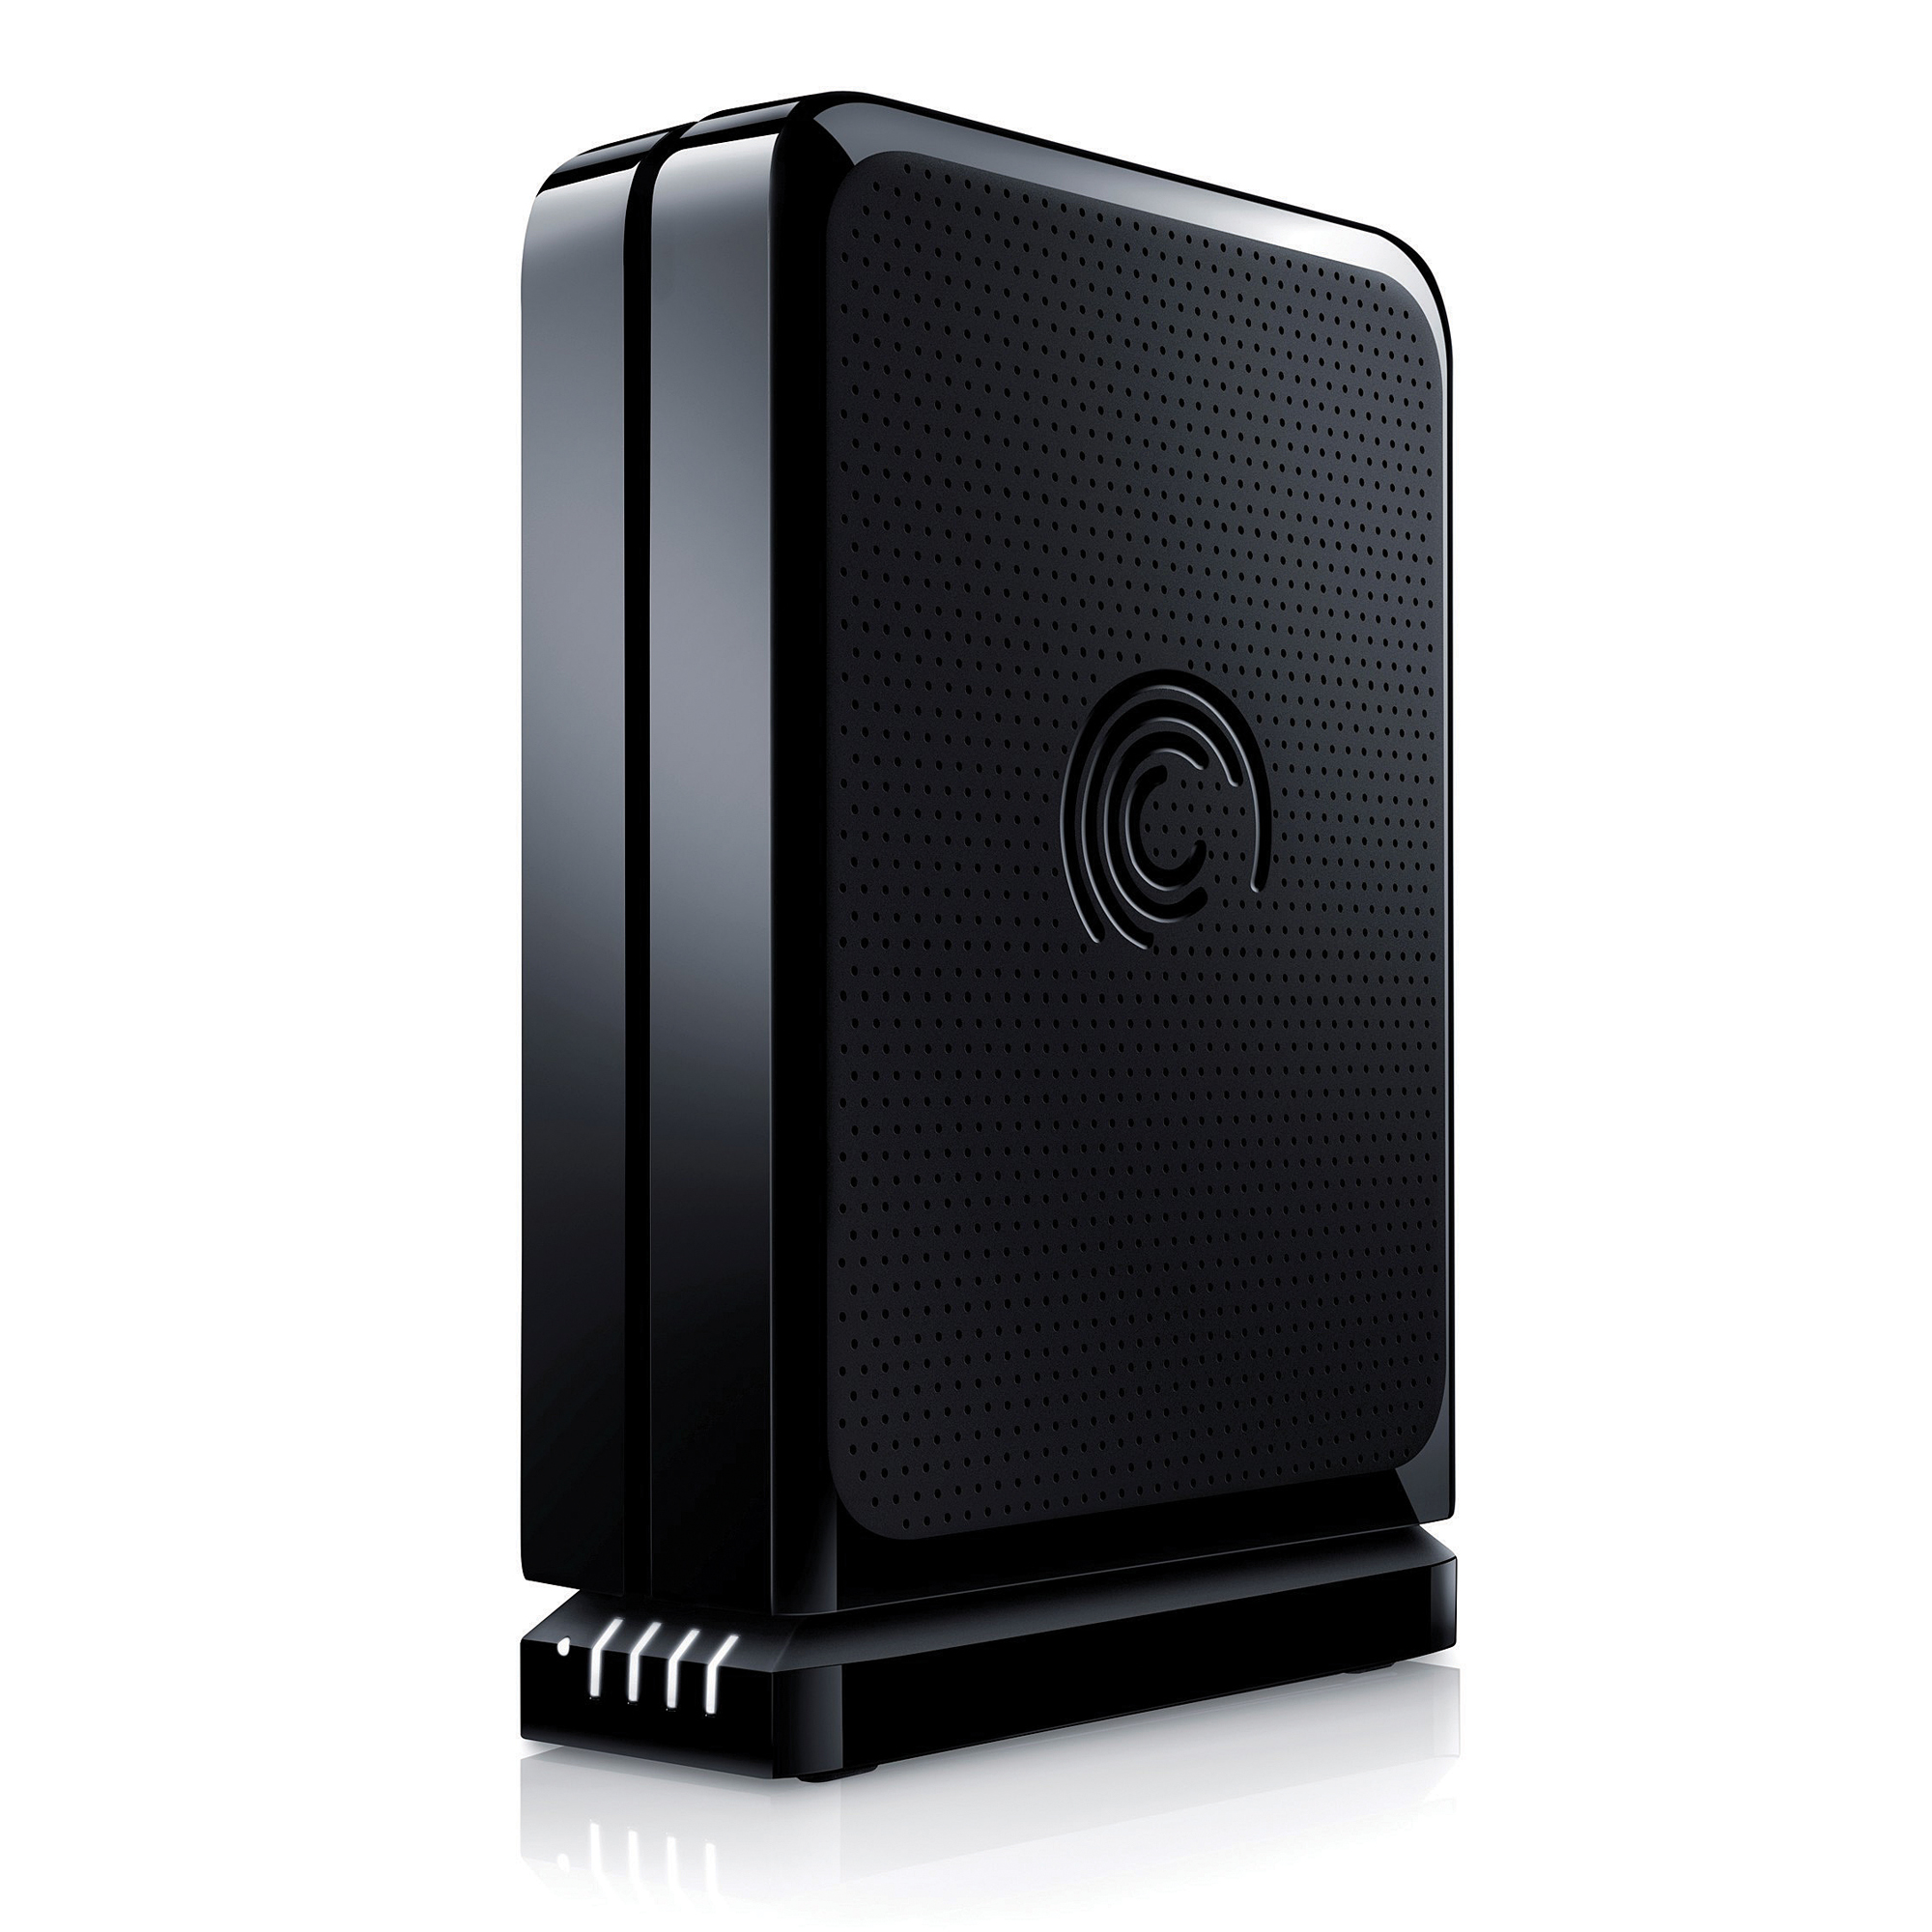 Seagate® FreeAgent® GoFlex™ Desk 2TB External Hard Drive, 32MB Cache, USB 3.0, Black